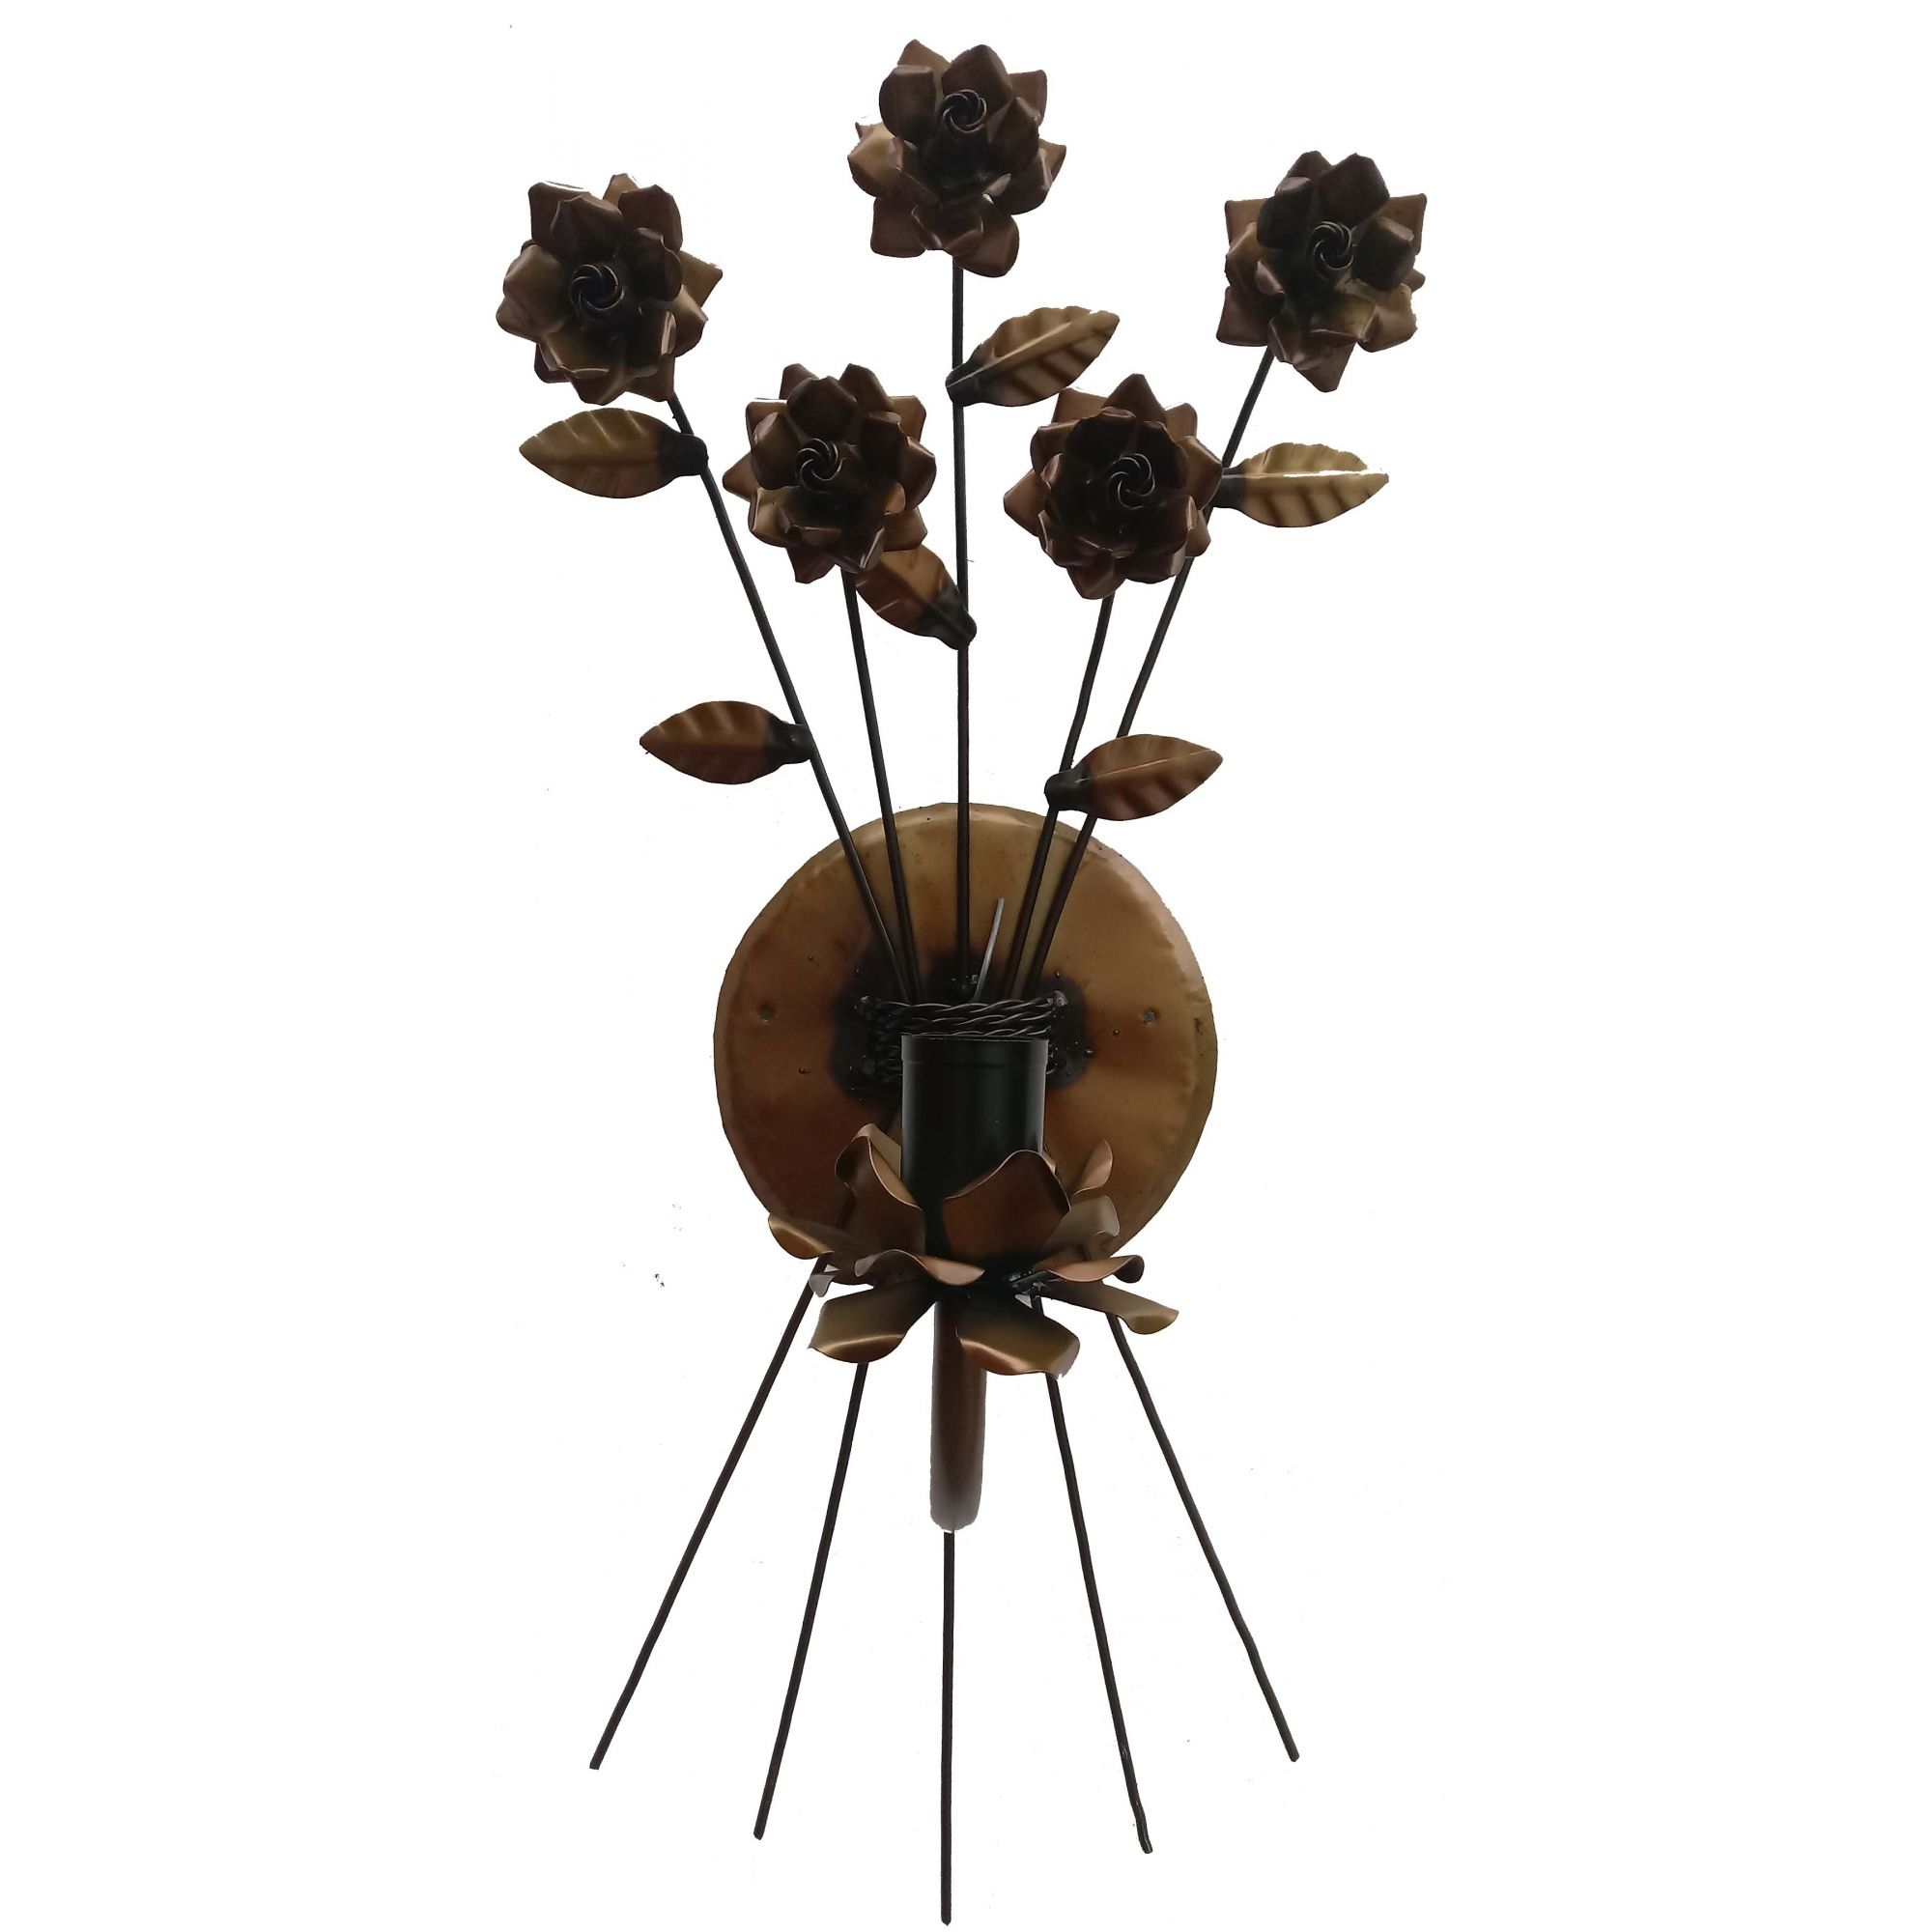 Luminária de Artesanato em Ferro de Parede com Flores Artesanais Rustica